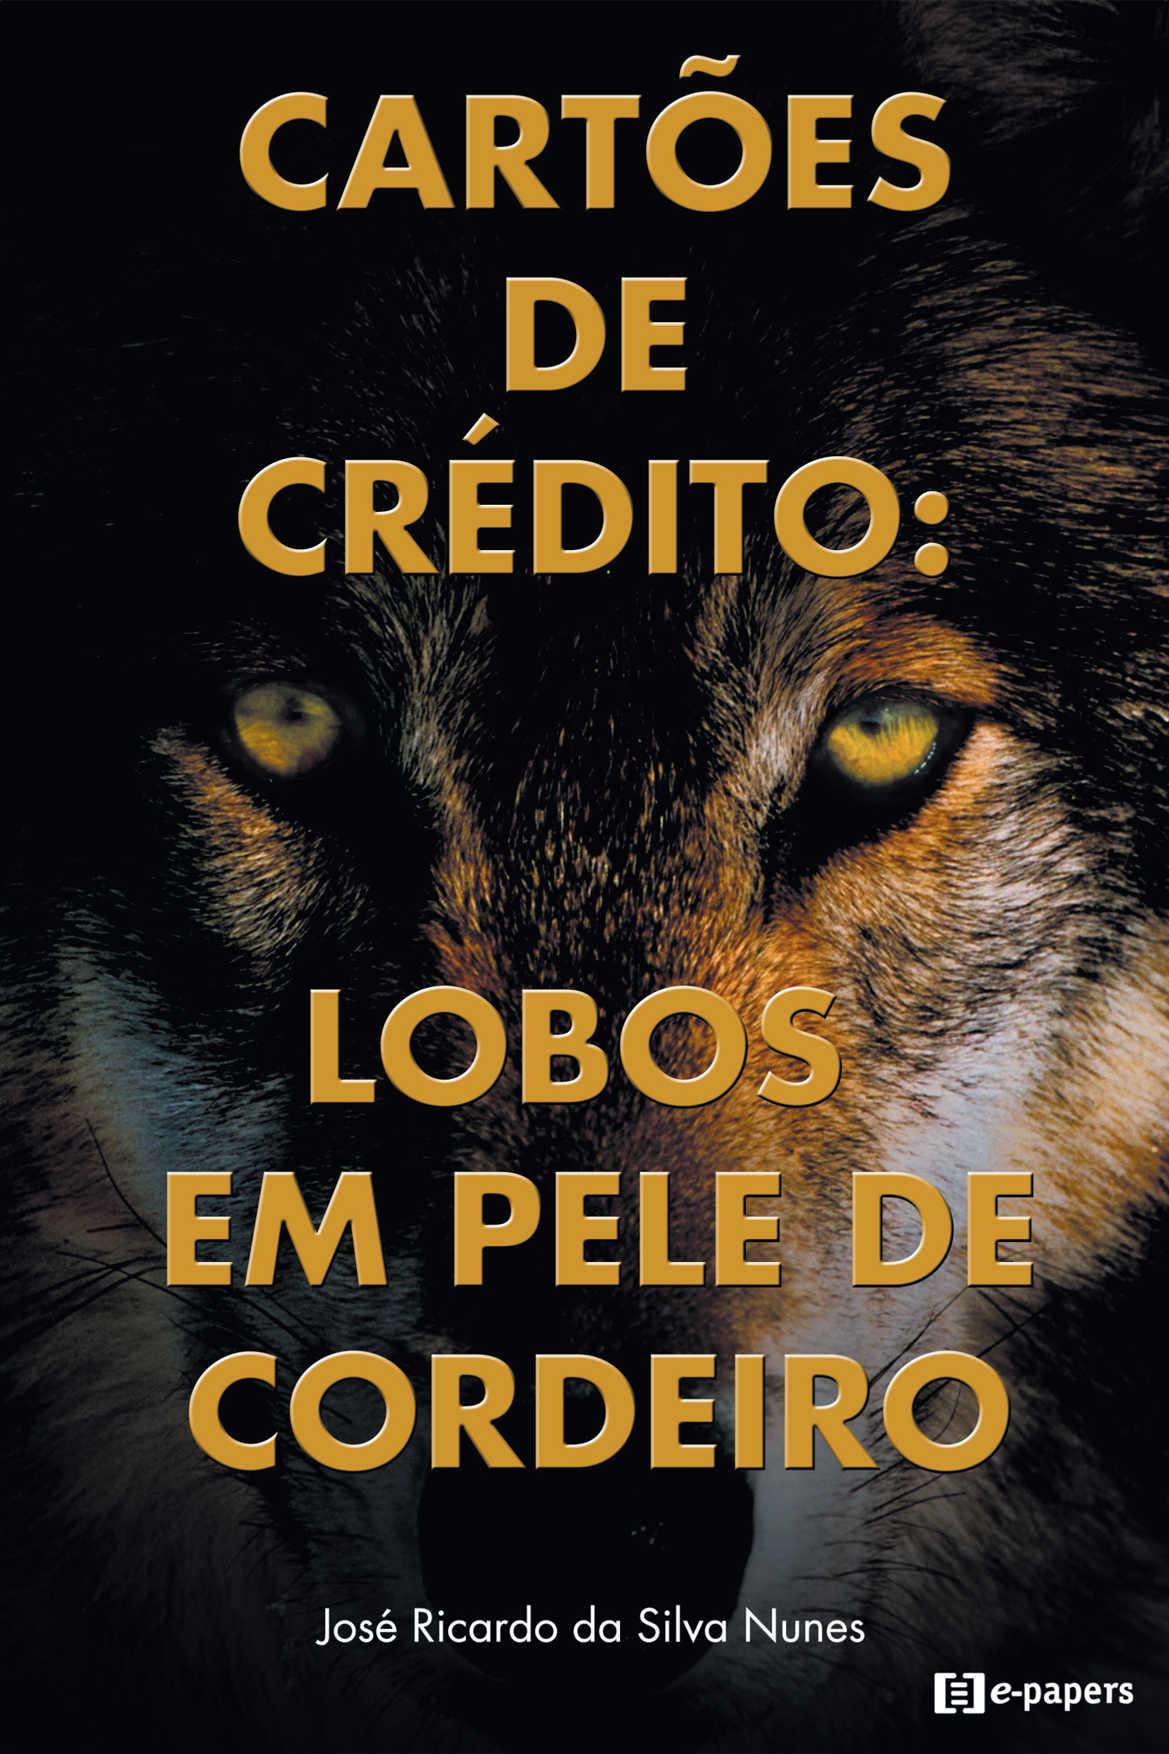 Cartões de Crédito: Lobos em Pele de Cordeiro